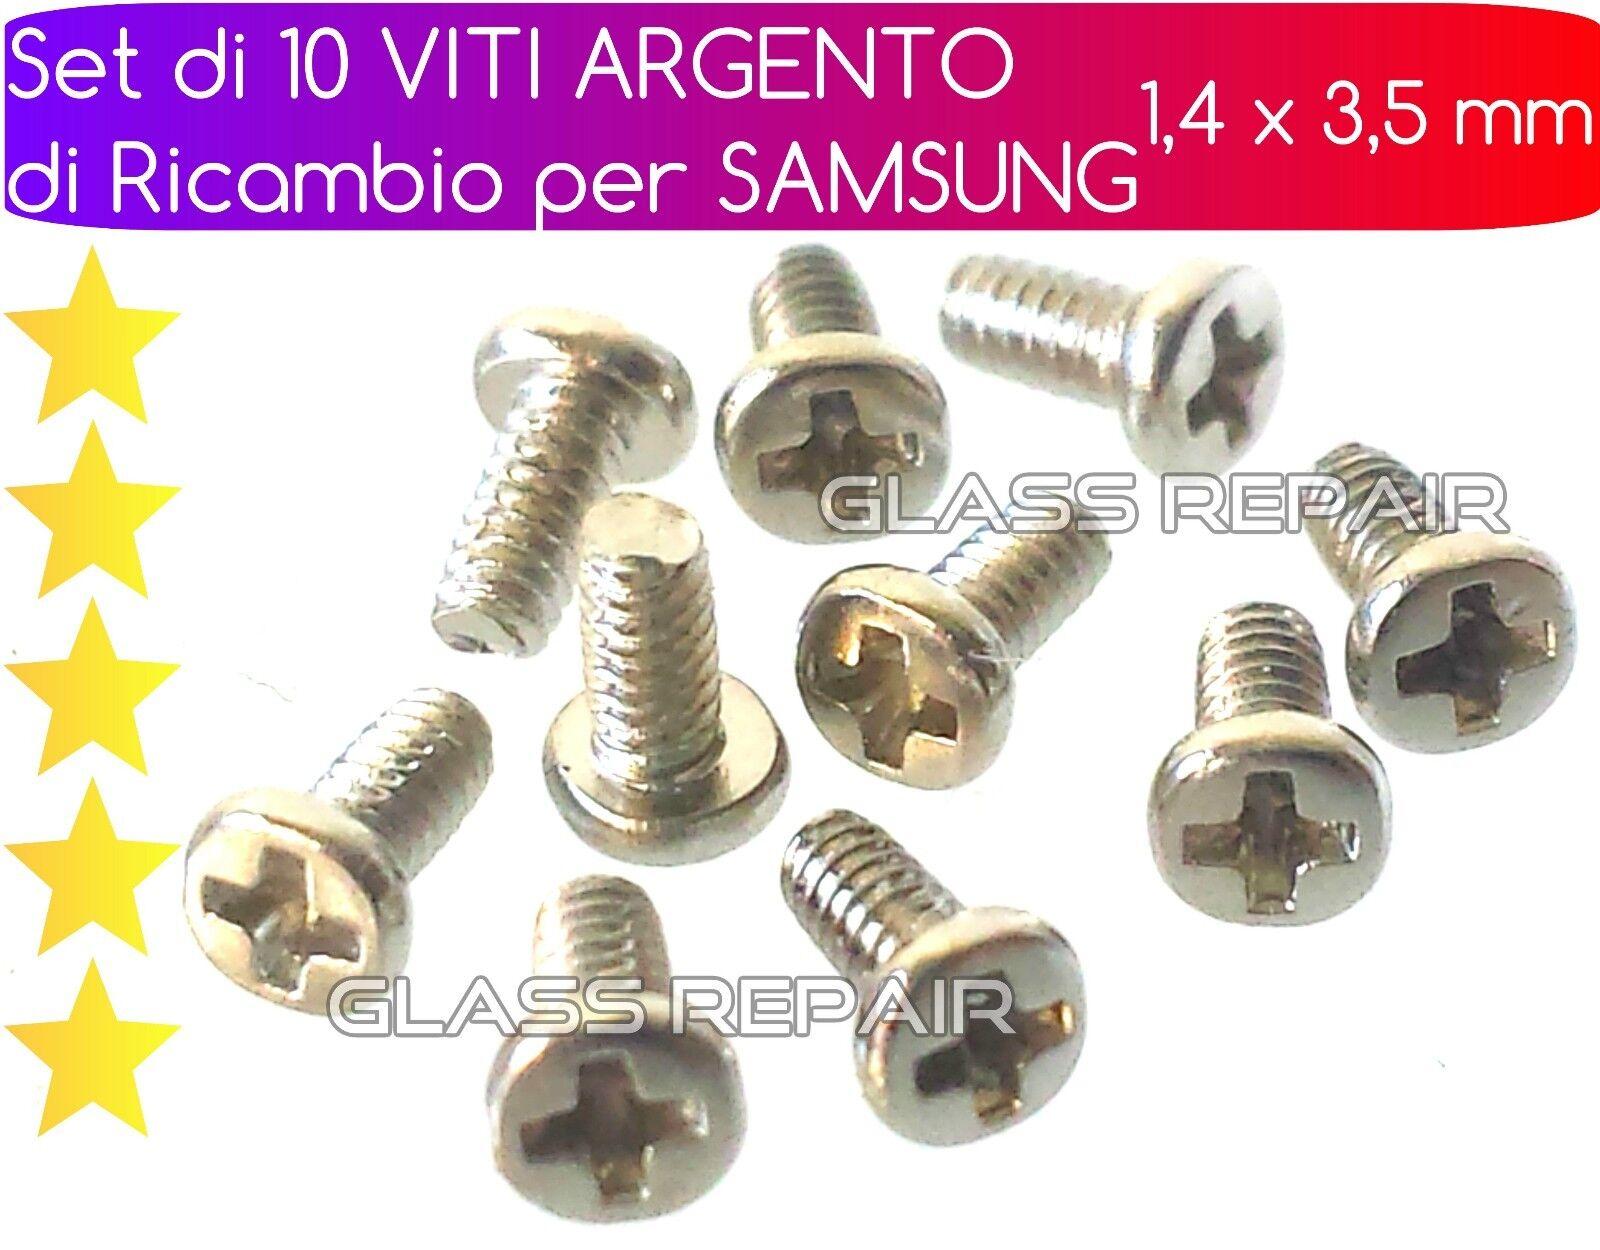 x 10 PEZZI KIT SET di VITI ARGENTO di RICAMBIO  per RIPARAZIONE SAMSUNG GALAXY